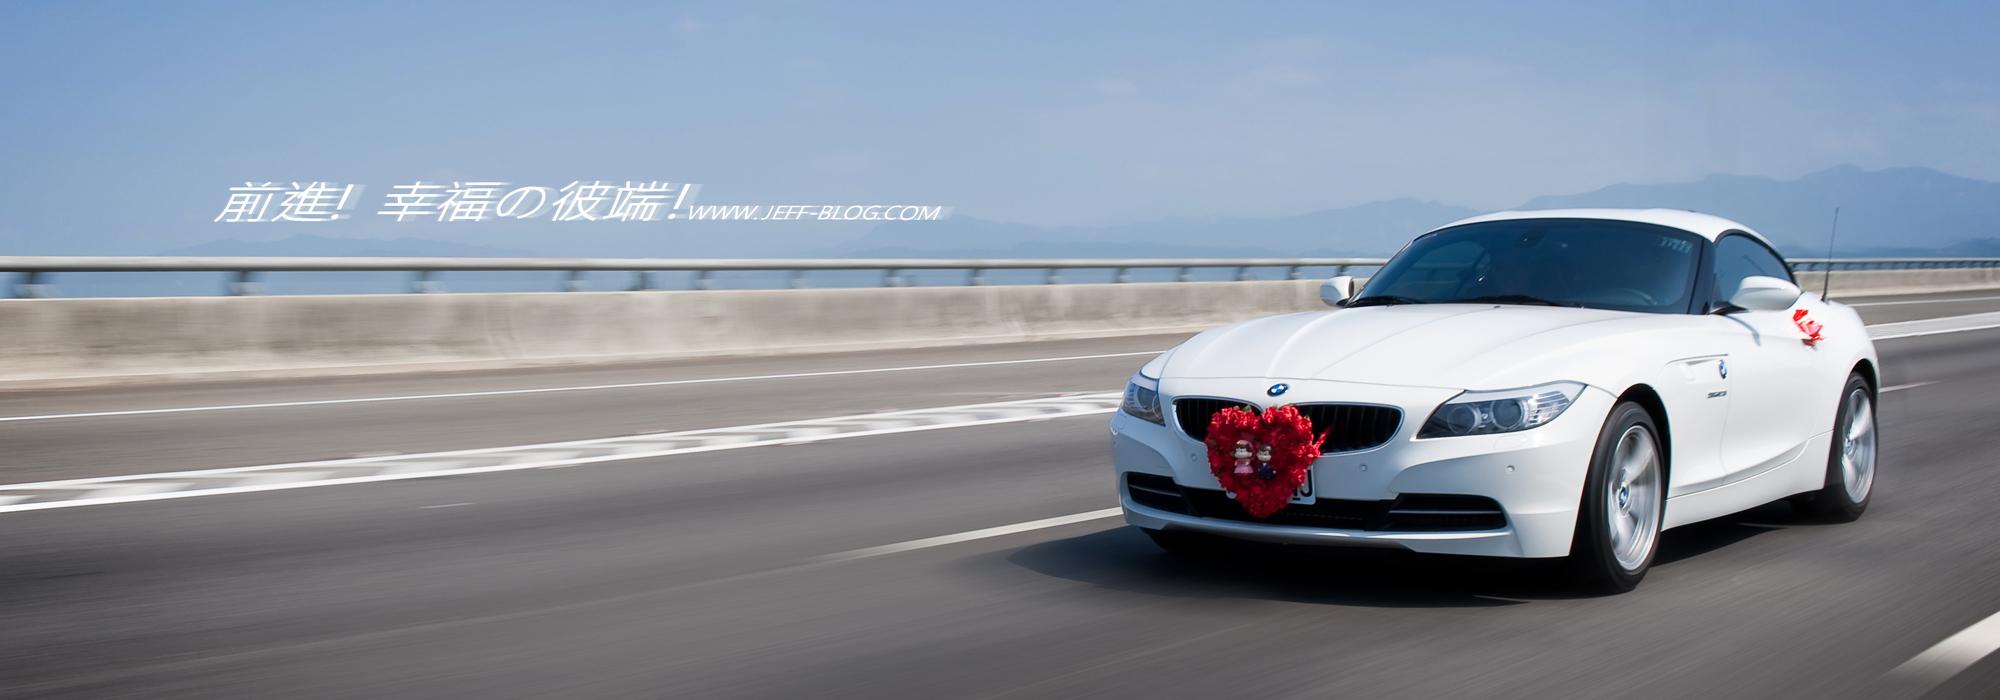 BMW Z4 前進幸福的彼端!